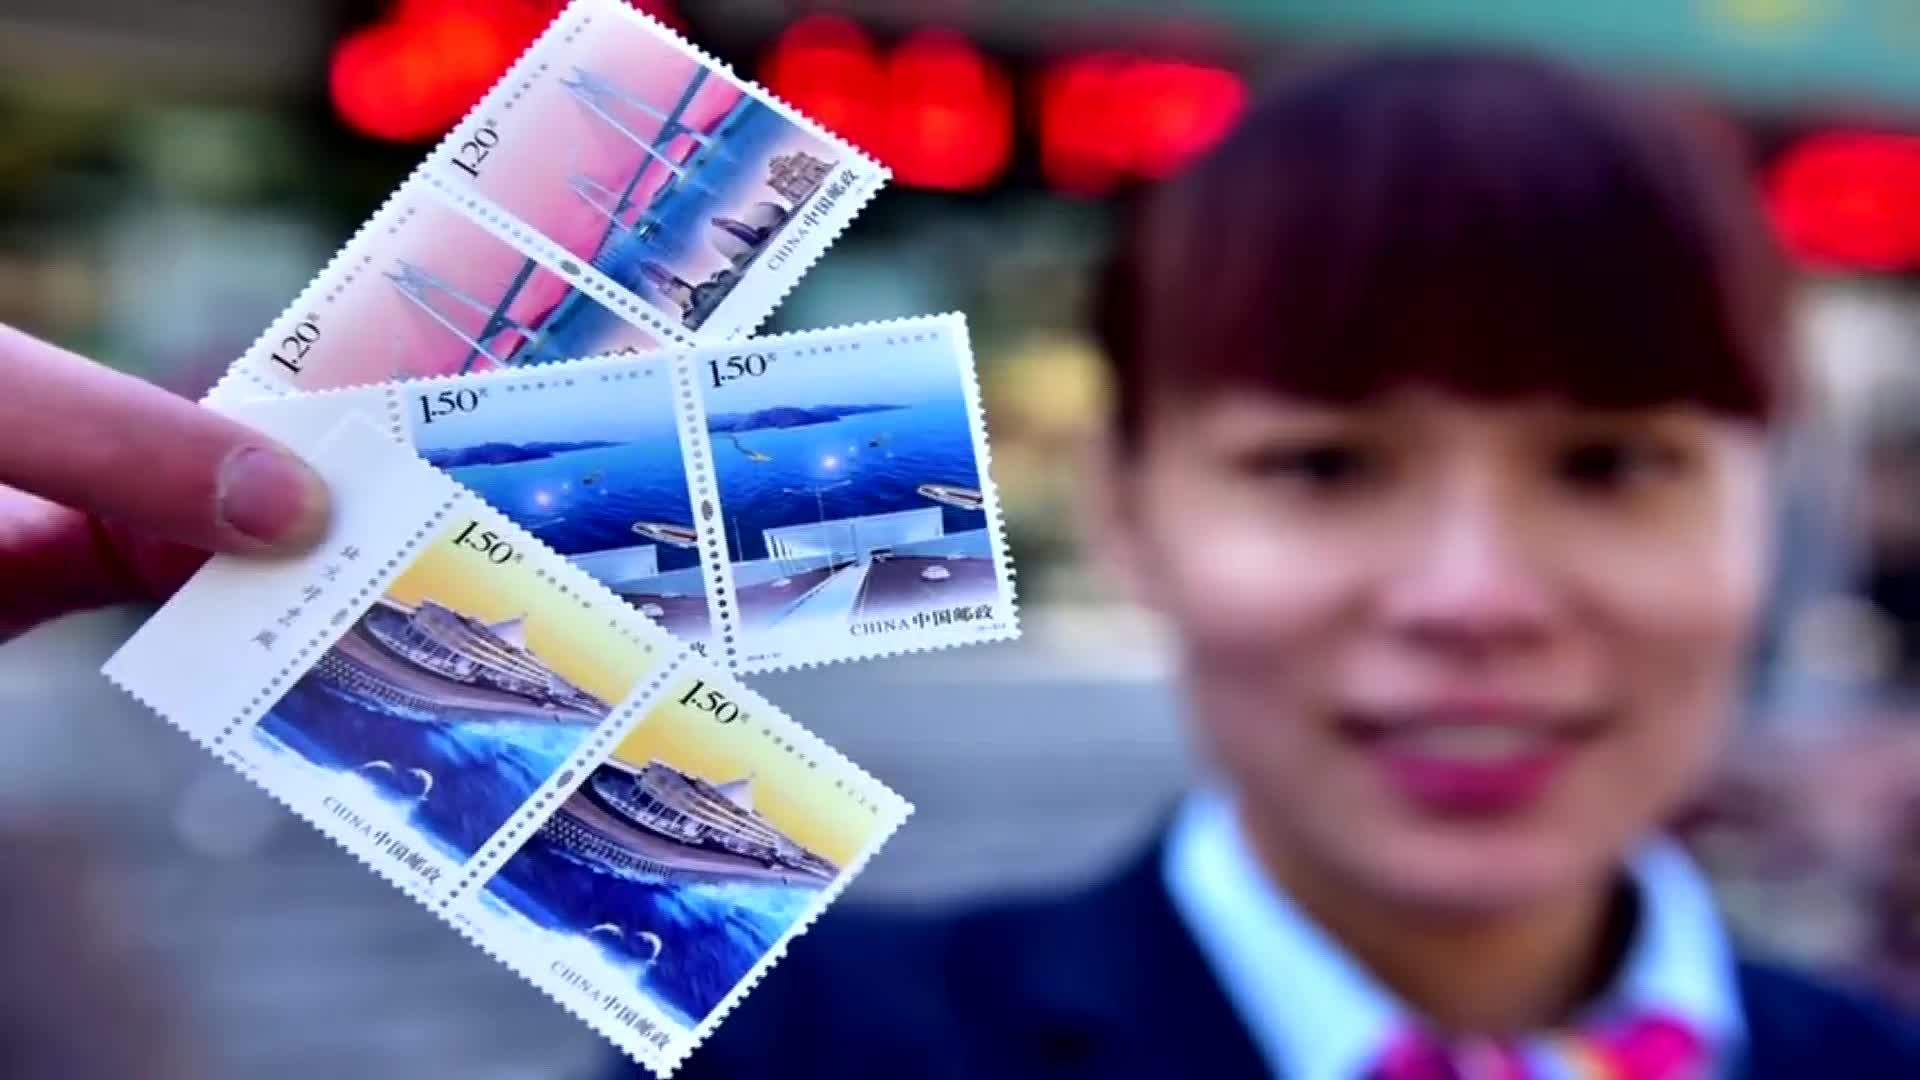 三地共同发行《港珠澳大桥》邮票 格调大气令人耳目一新